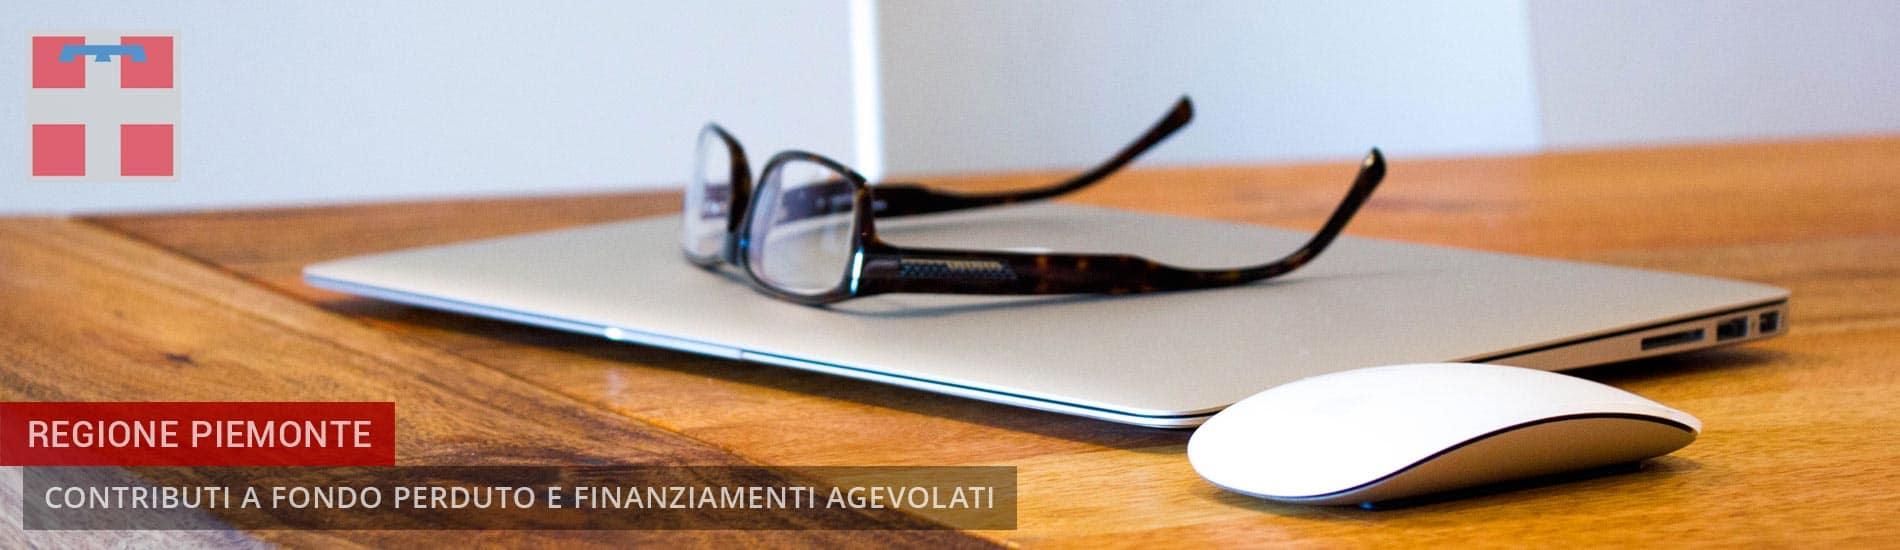 Regione Piemonte: Bandi Contributi a fondo perduto e Finanziamenti agevolati